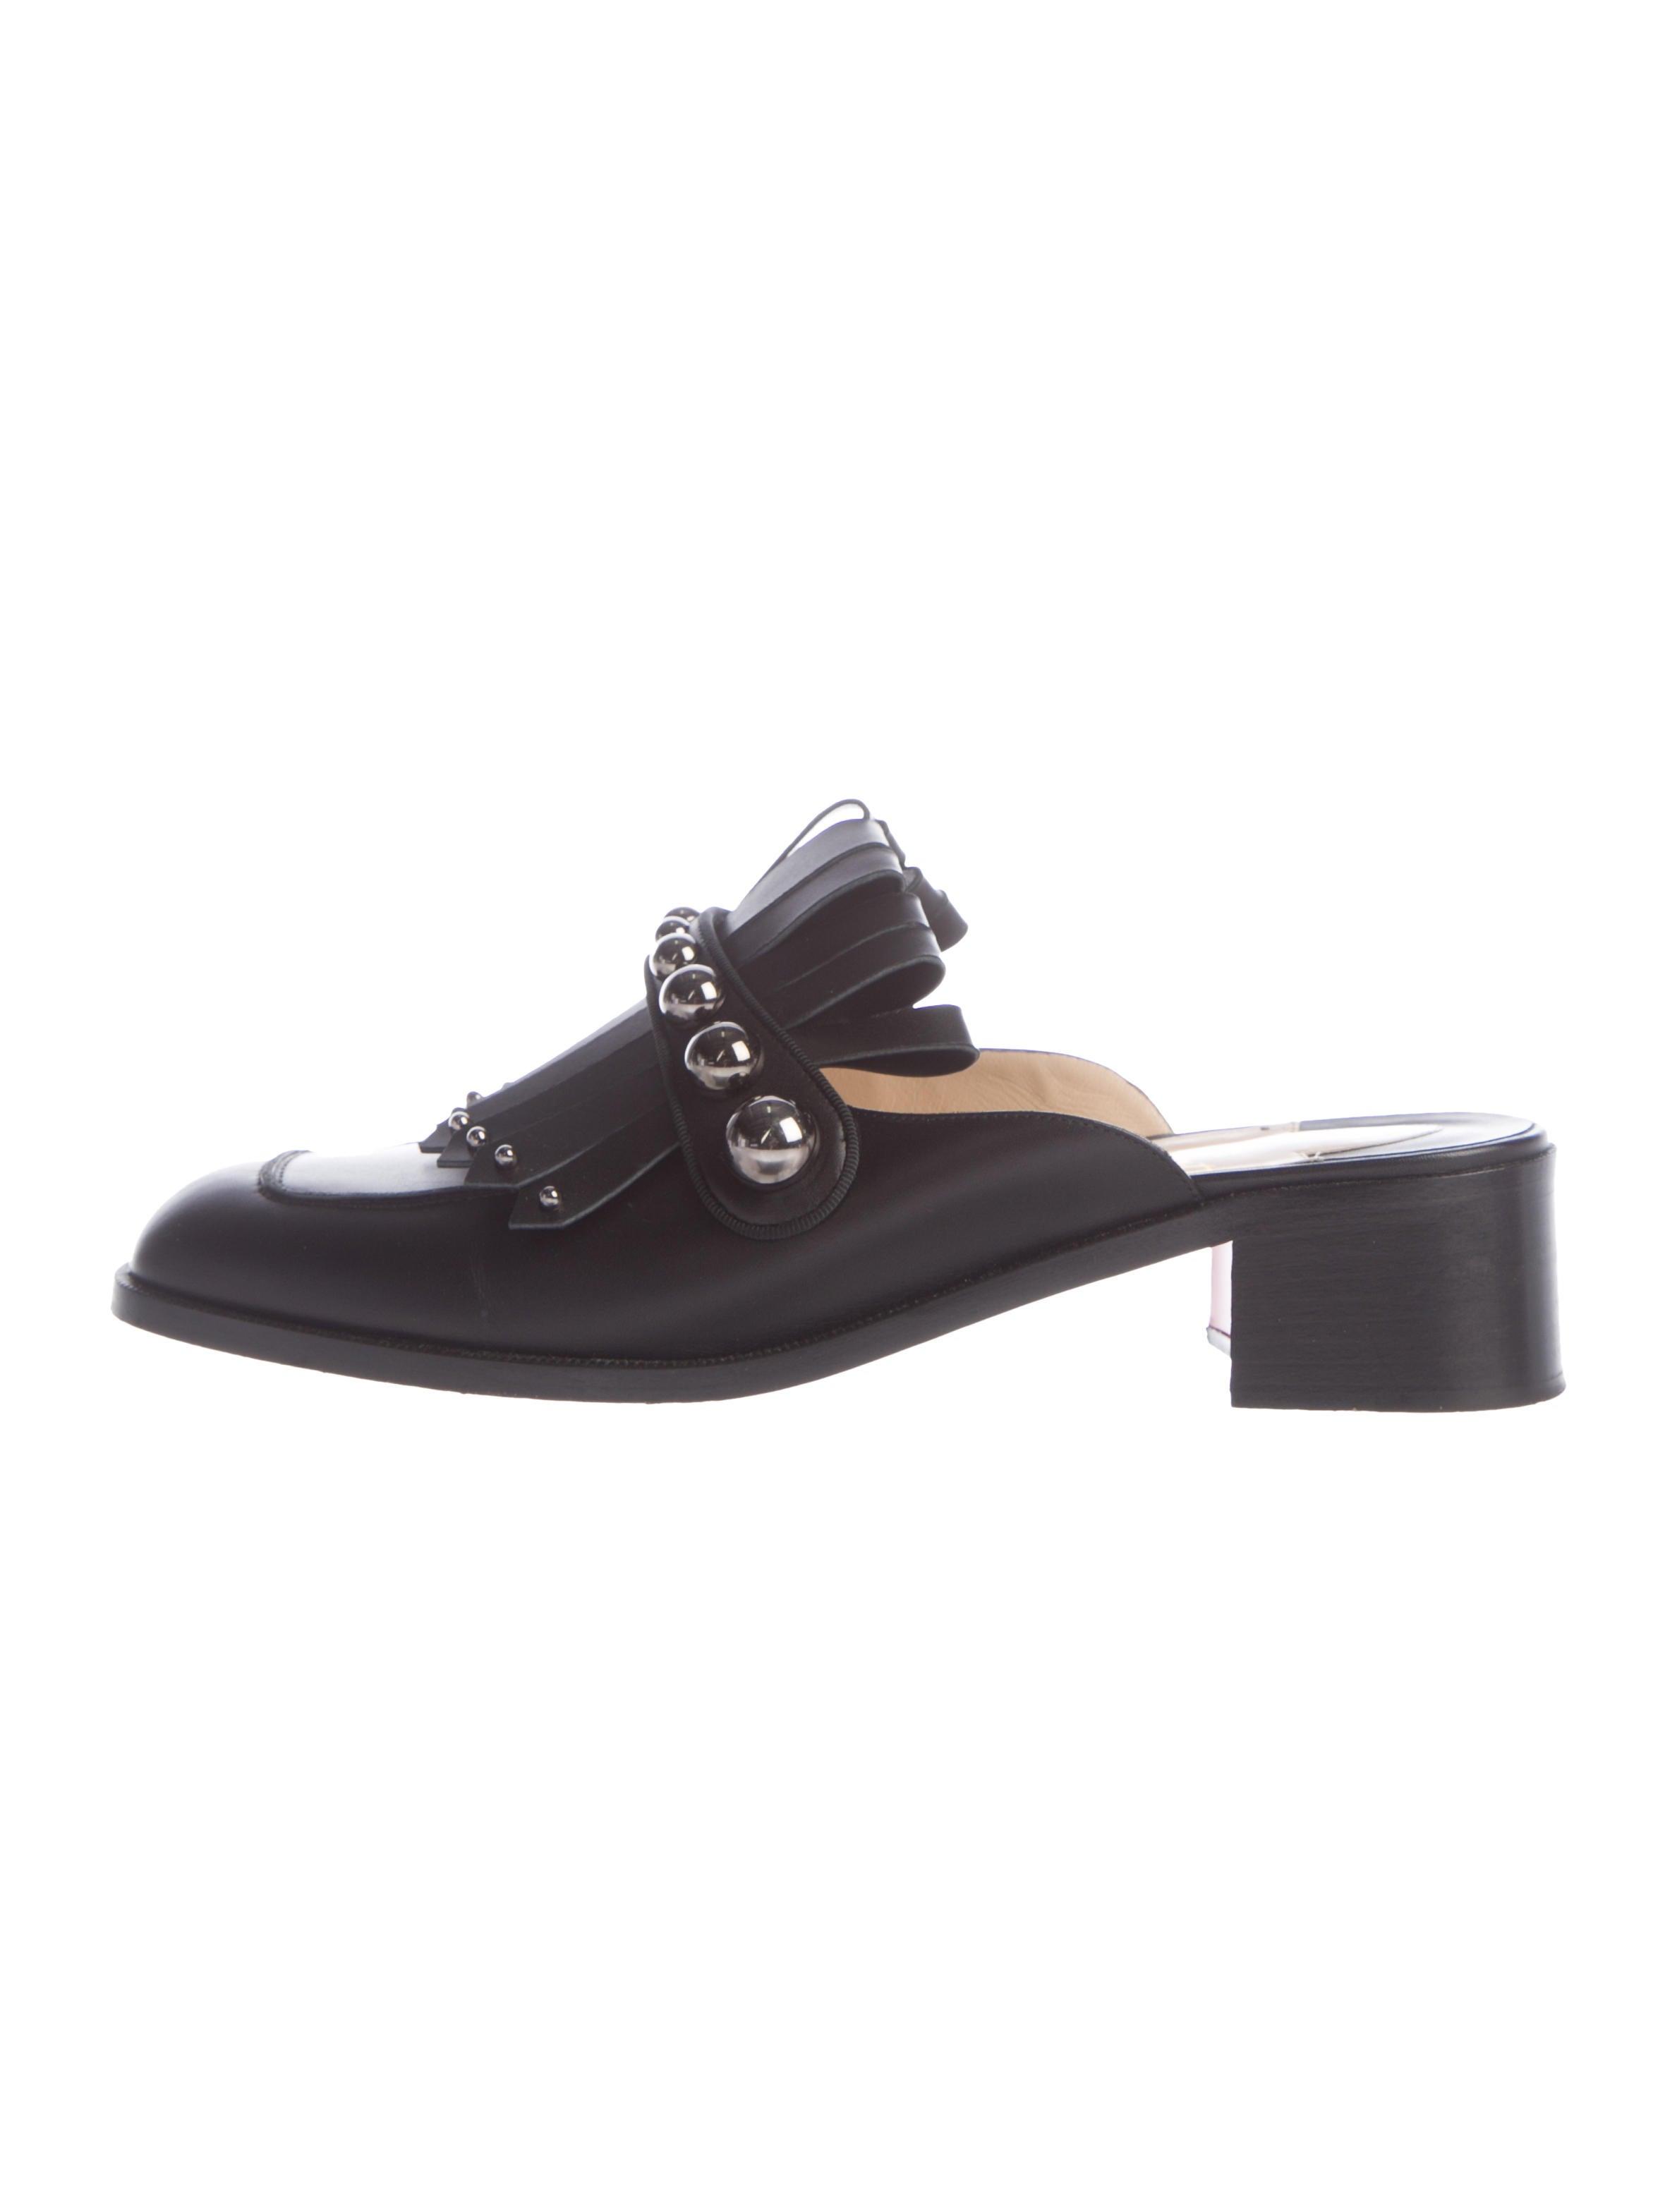 8f566c5b1c81 Christian Louboutin 2018 Octavian Mula Studded Mules - Shoes ...